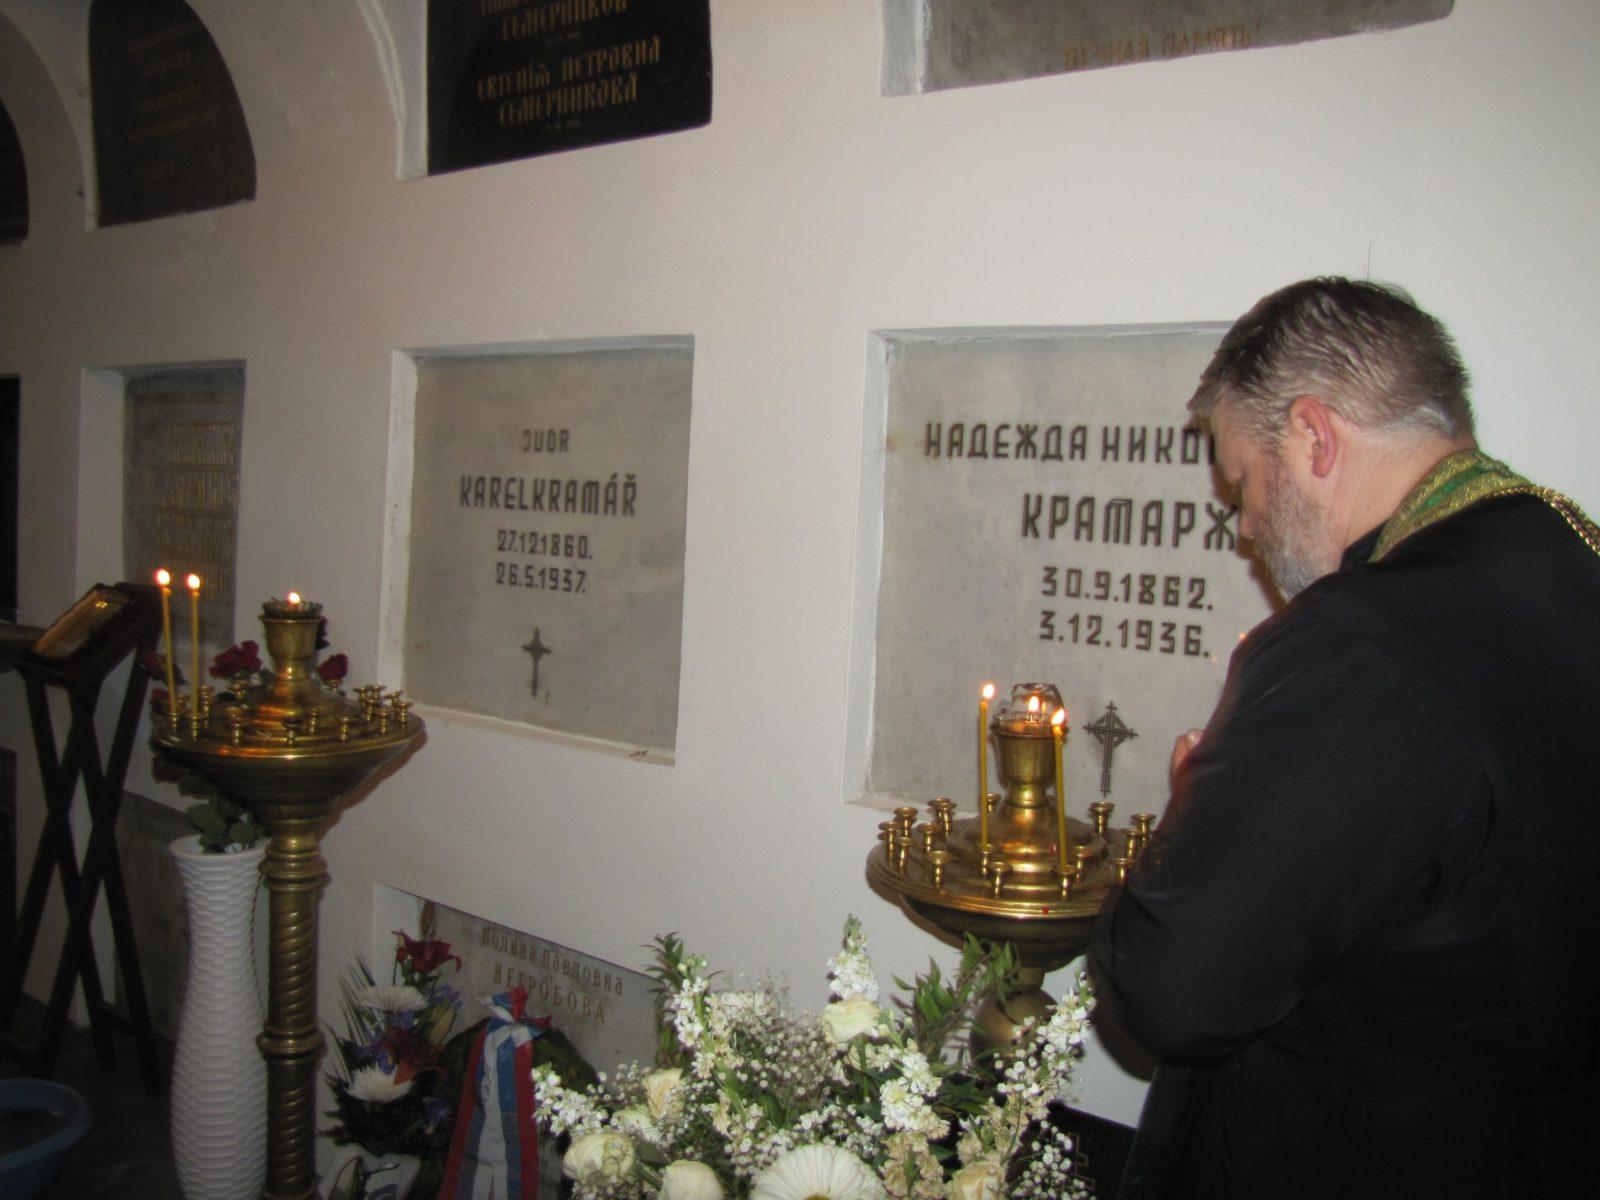 Projev Adama B. Bartoše u hrobu Karla Kramáře, 27. 5. 2018 (uvnitř foto)